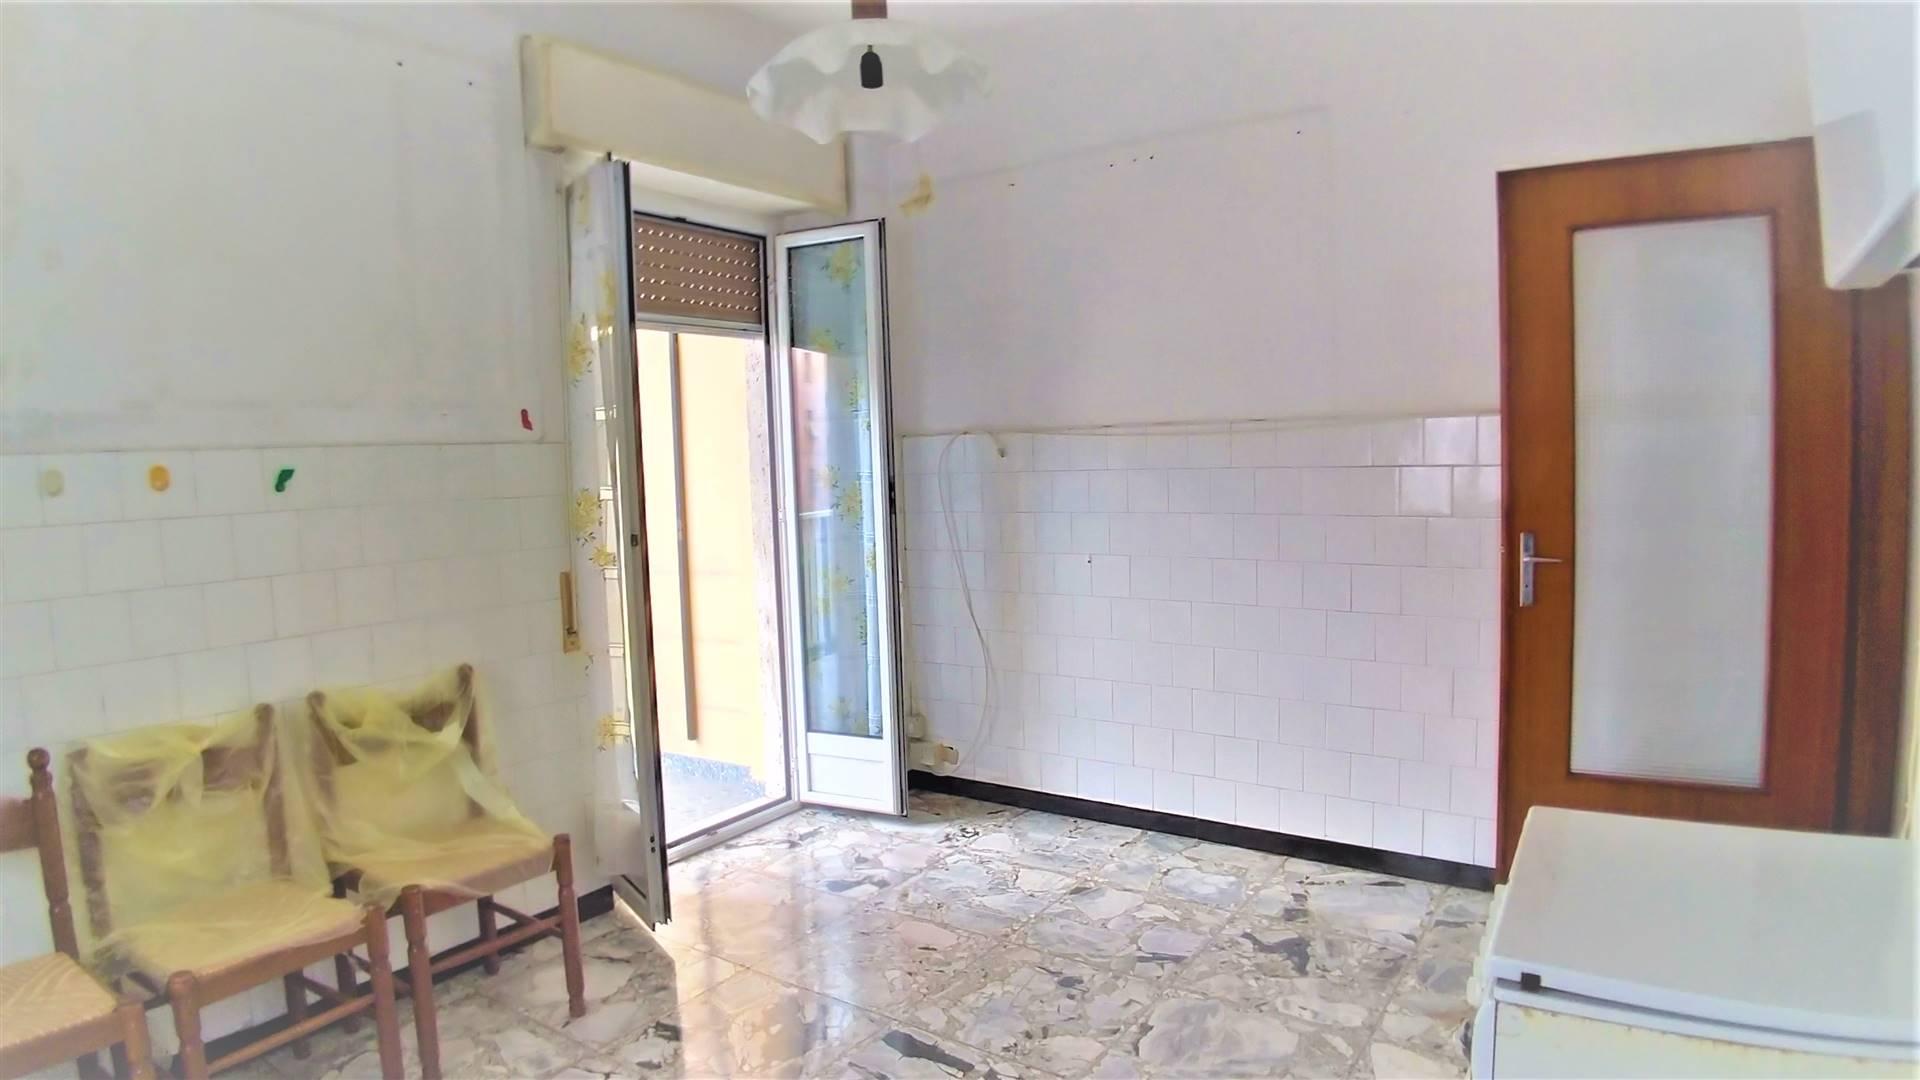 Appartamento in vendita a Cairo Montenotte, 4 locali, prezzo € 80.000   CambioCasa.it